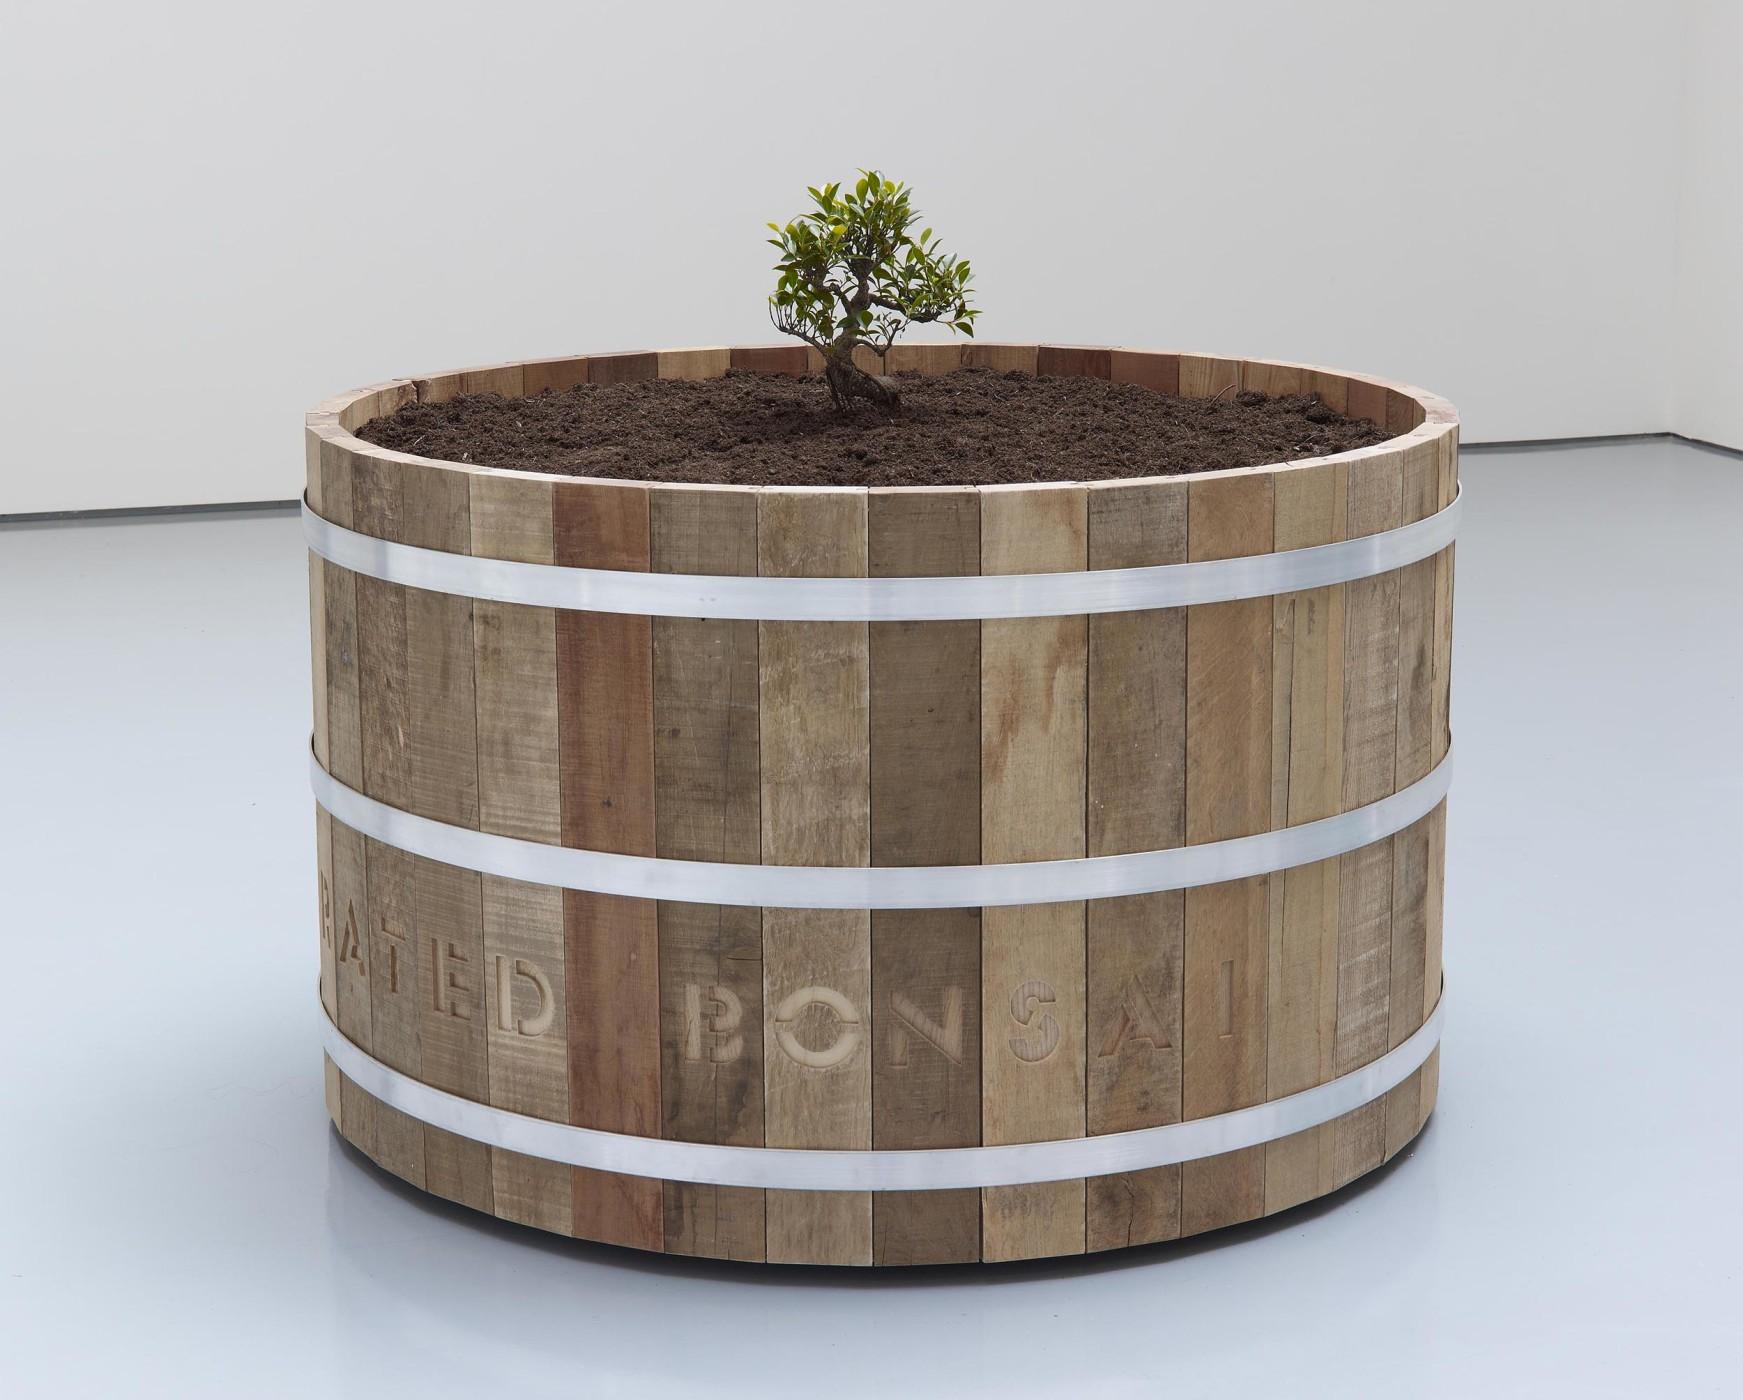 """<div class=""""title""""><em>Liberated Bonsai in Reclaimed Wood Barrel</em>, 2012</div><div class=""""medium"""">reclaimed wood, steel, Bonsai plant, compost</div><div class=""""dimensions"""">73.0 x 121.0 x 121.0 cm<br />28 3/4 x 47 5/8 x 47 5/8 in.</div>"""